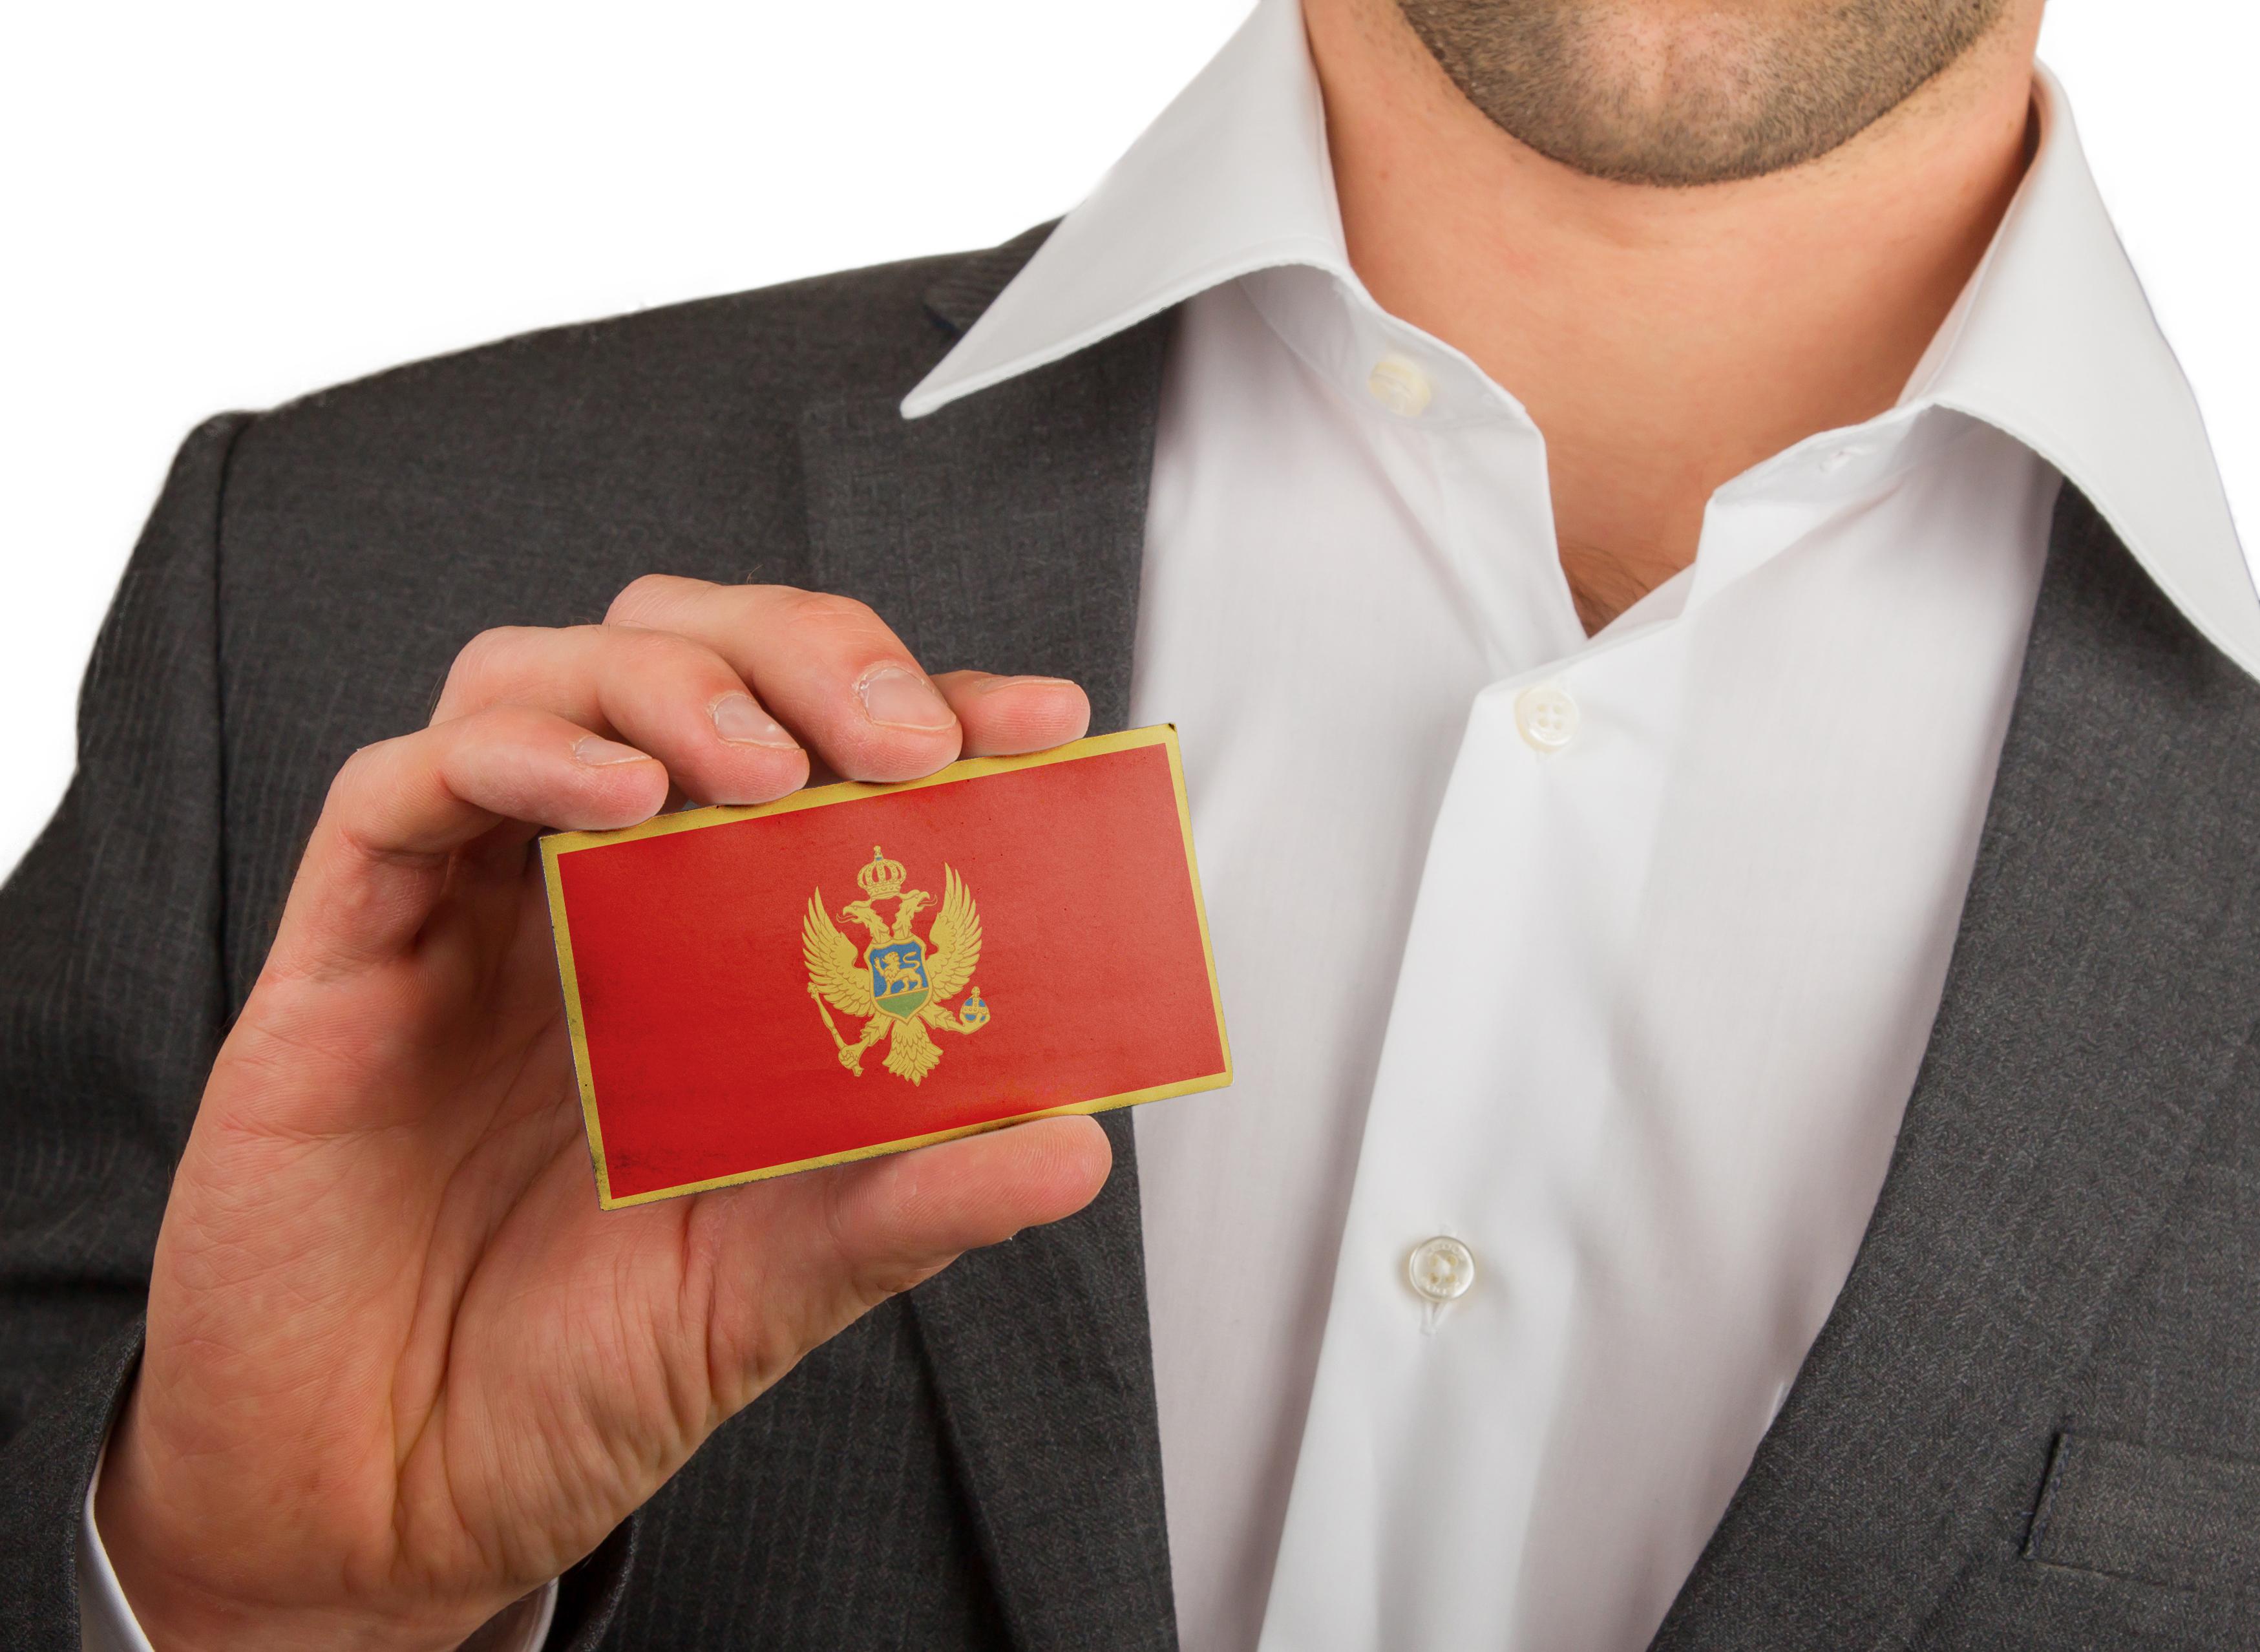 Мужчина с флагом Черногории, где работа доступна для иностранцев